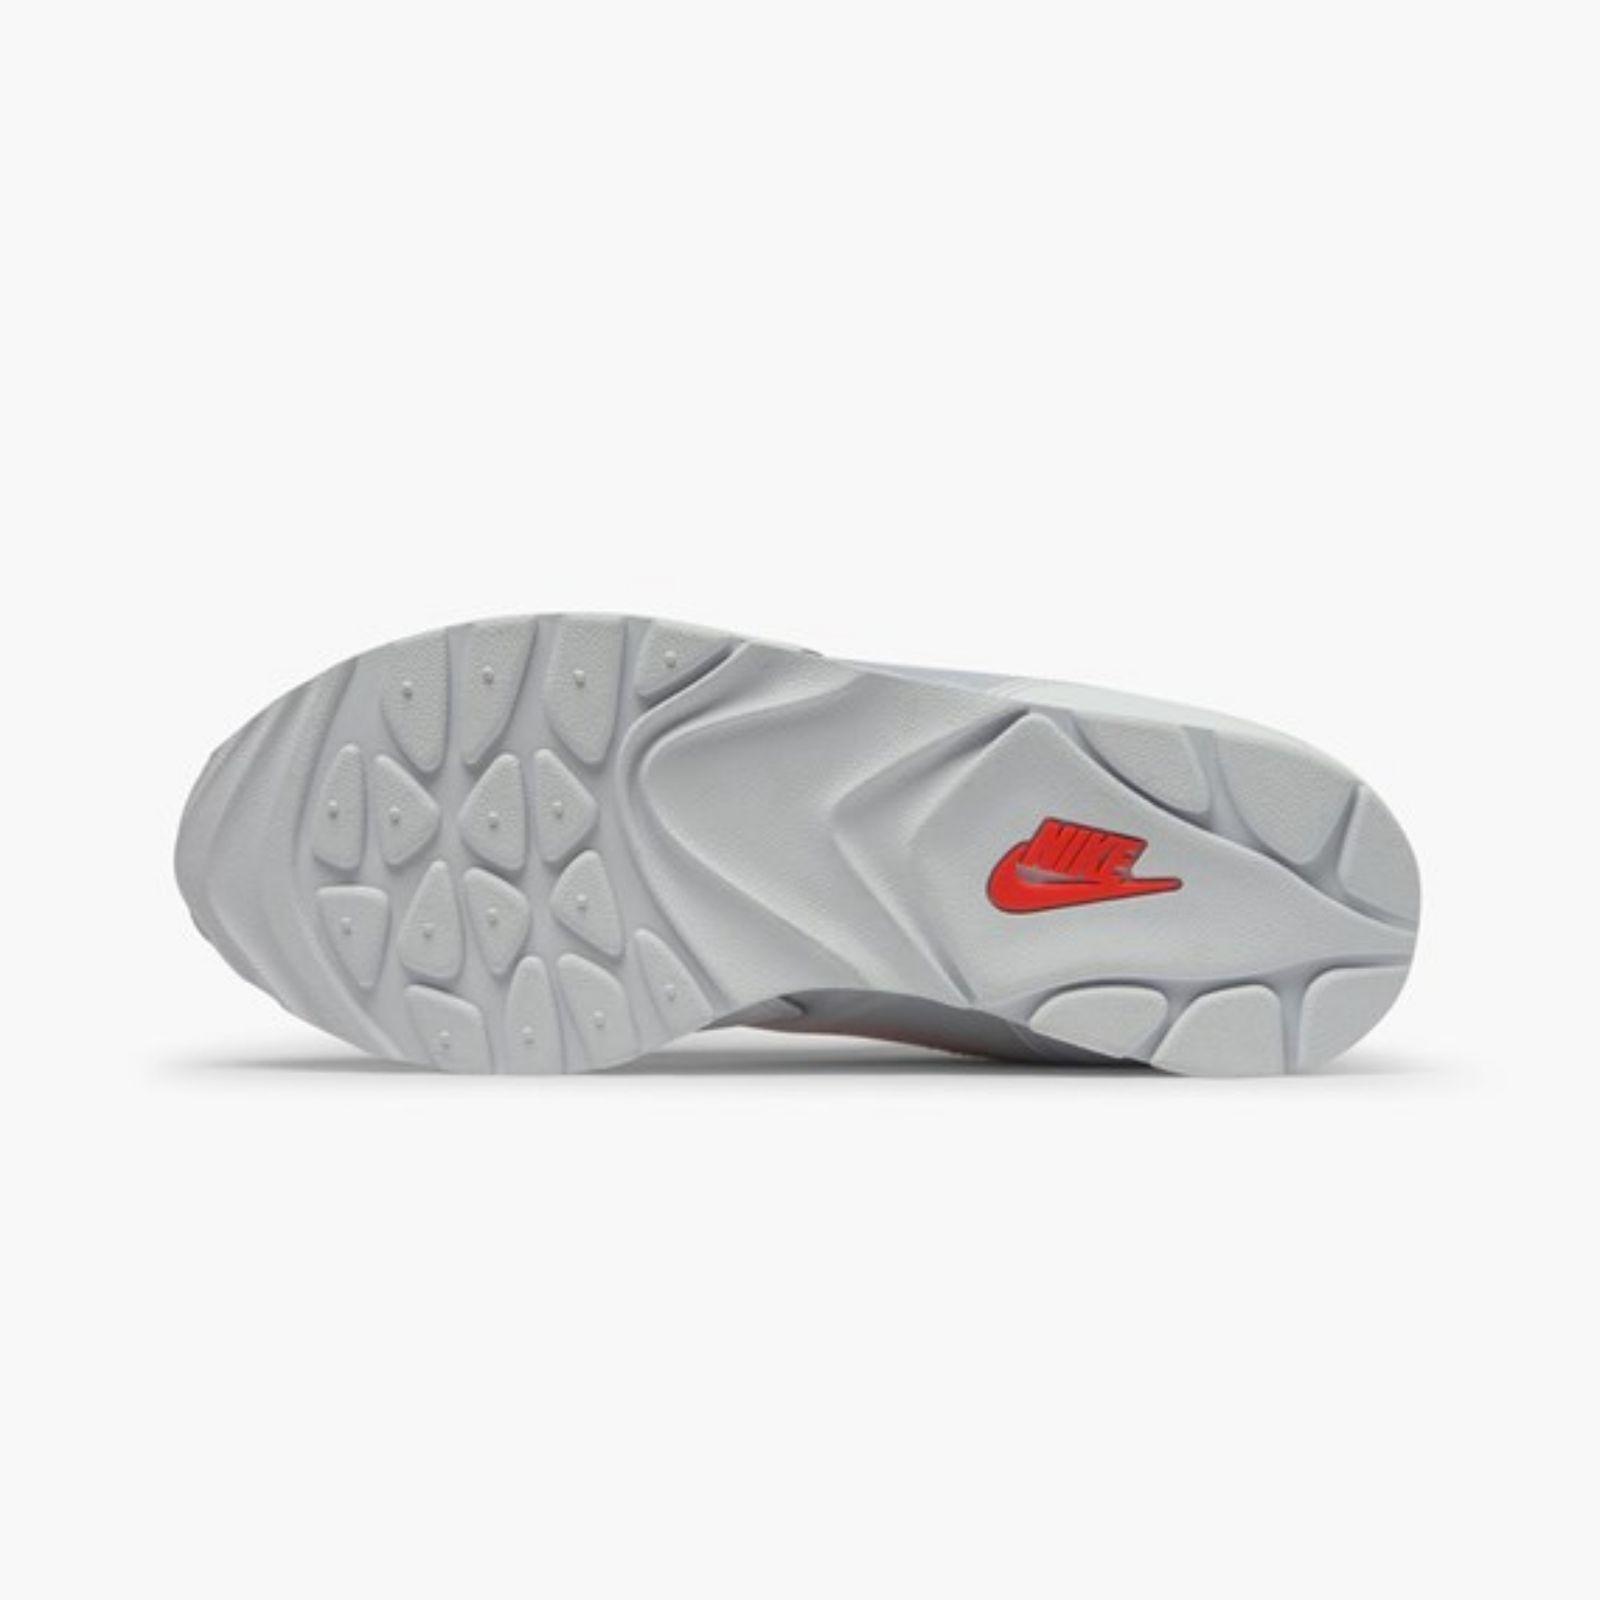 کفش راحتی مردانه نایکی مدل OUTBURST کد ۱۰۱ -  - 5